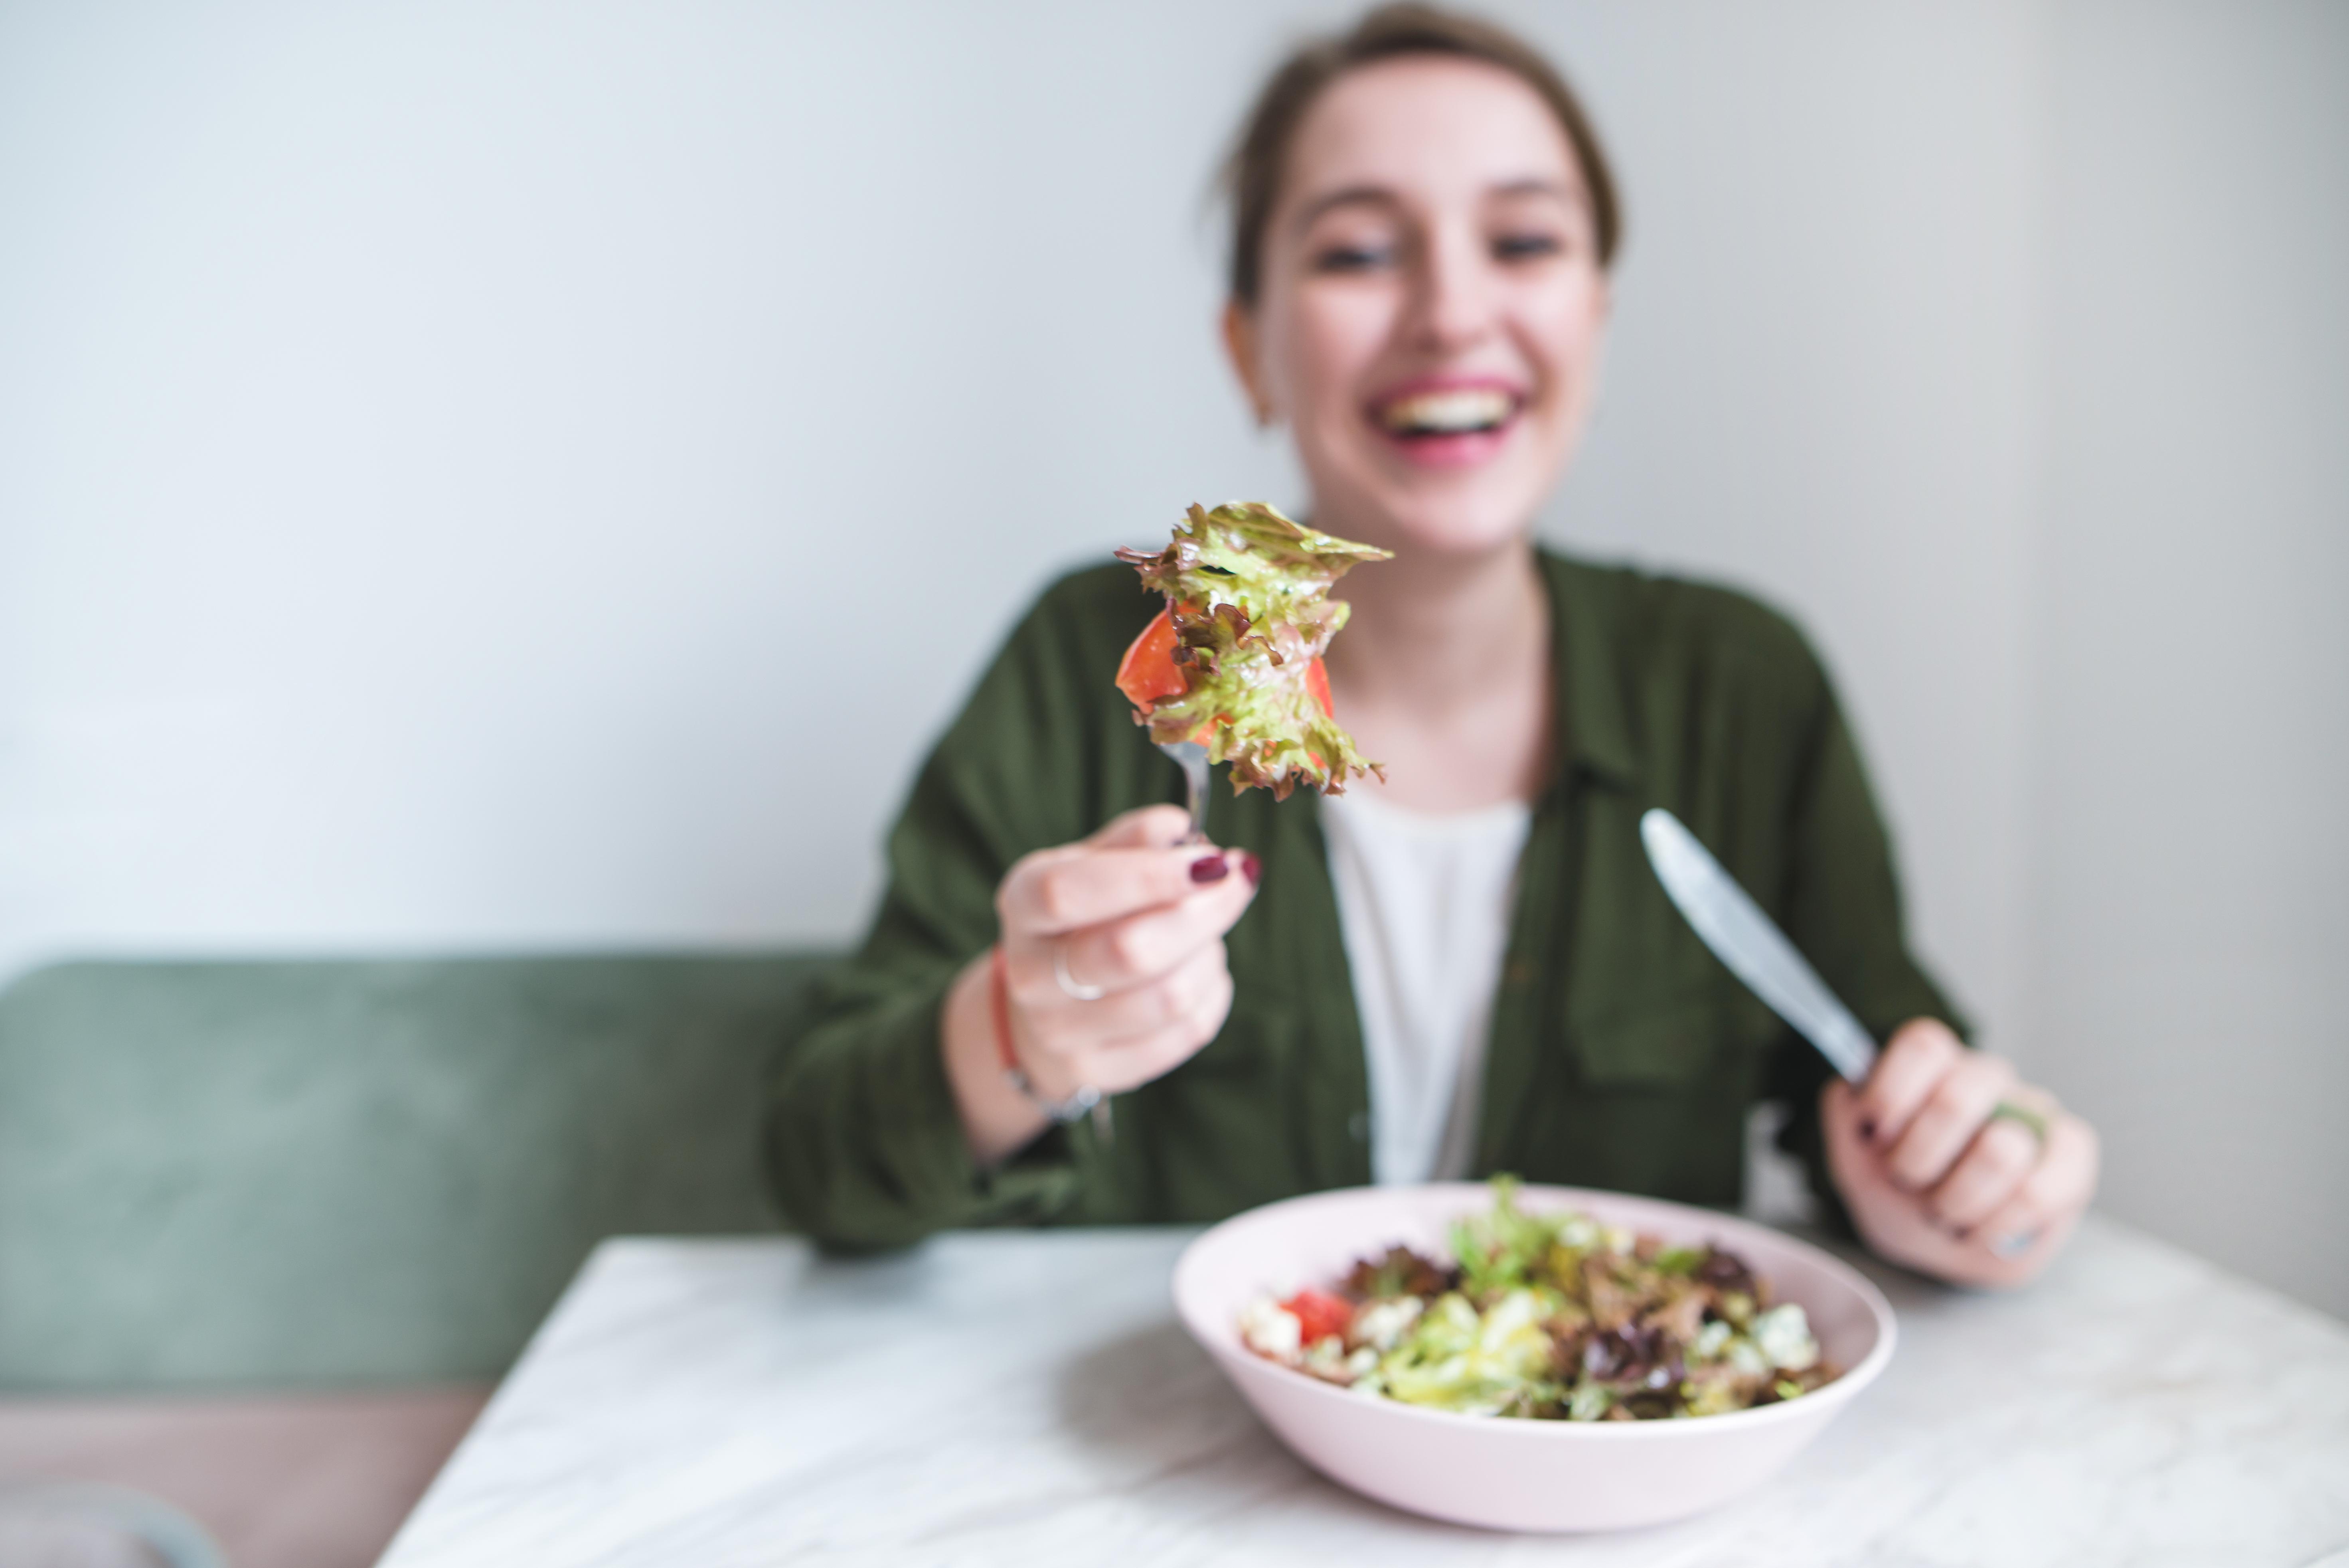 Unga personer verkar mer benägna att vilja lägga om sina matvanor till en mer hälsosam kost jämfört med äldre personer visar undersökningen.